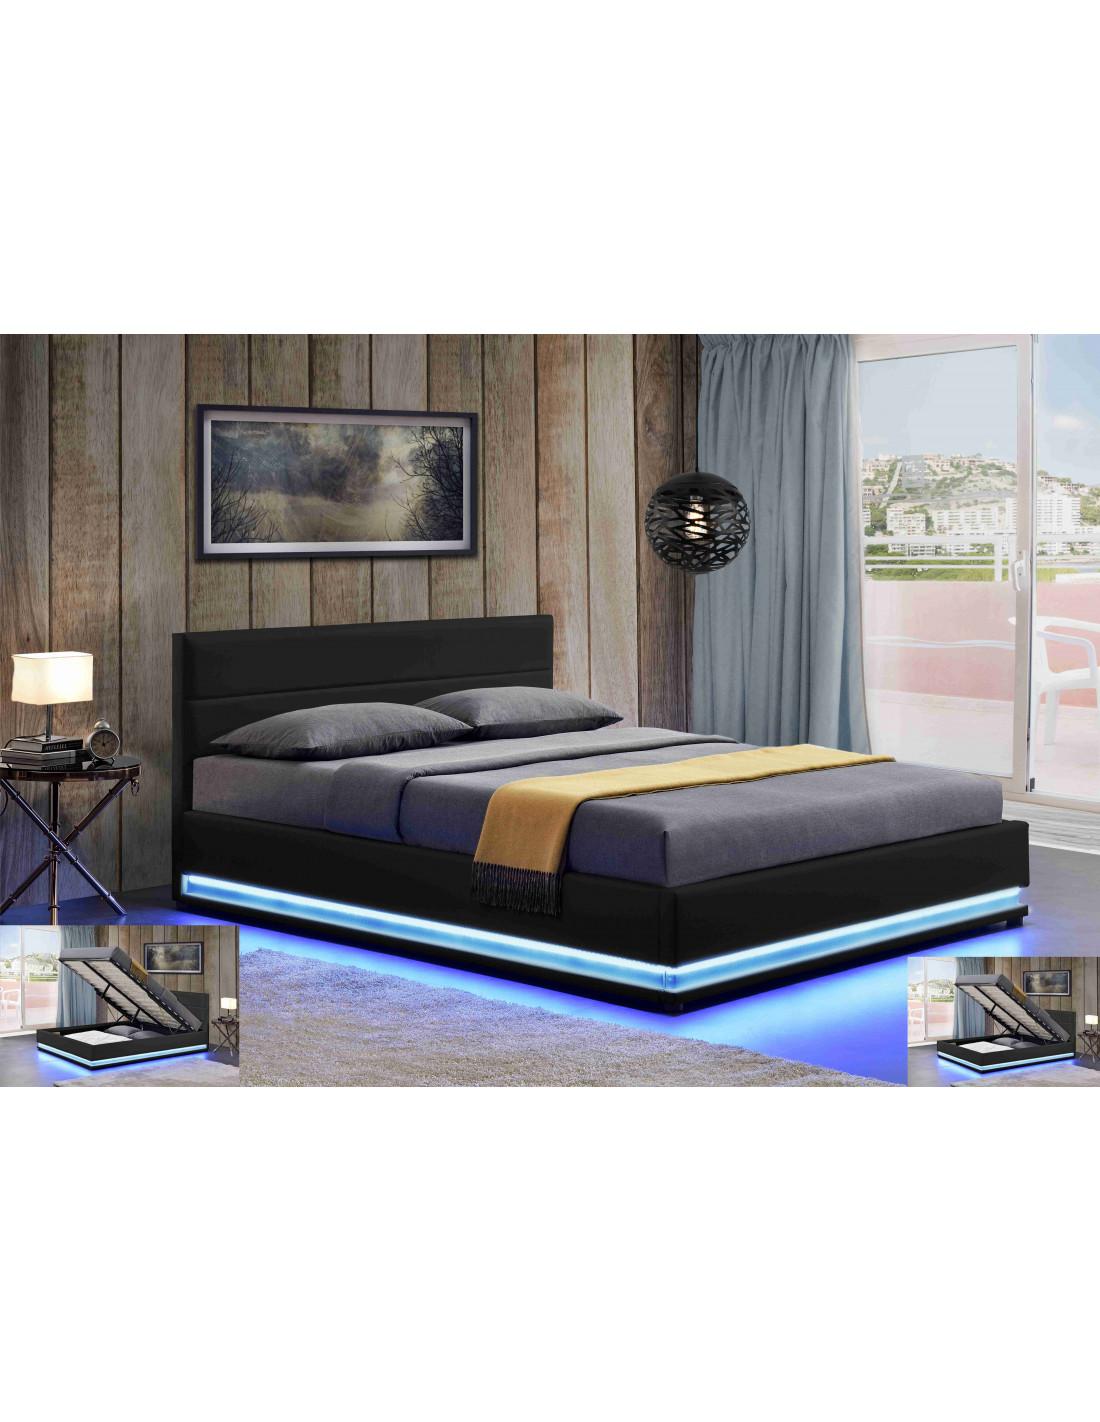 lit led avec coffre de rangement ava noir description